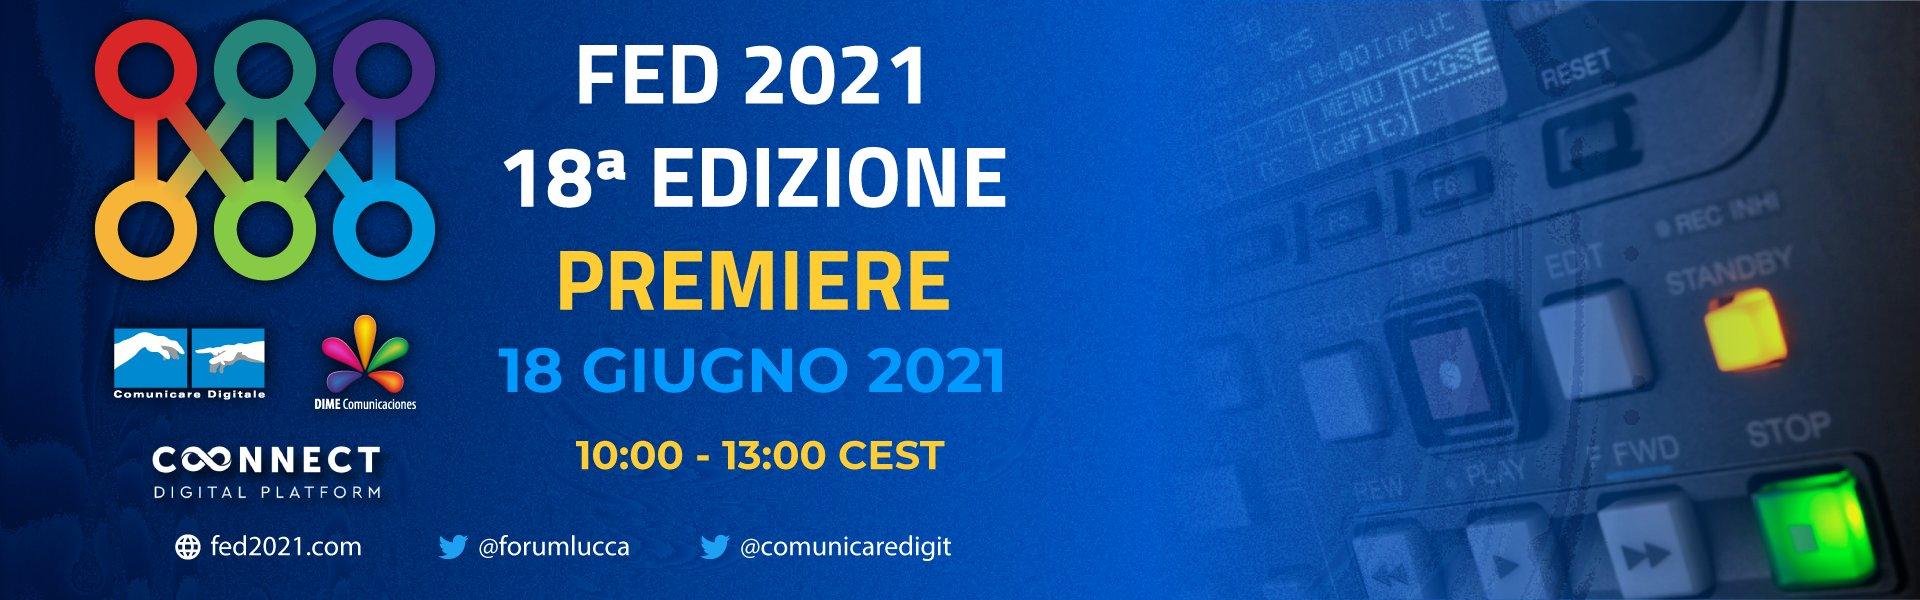 18 Forum Europeo Digitale, atto primo 18 Giugno 2021! (diretta Digital-News.it)